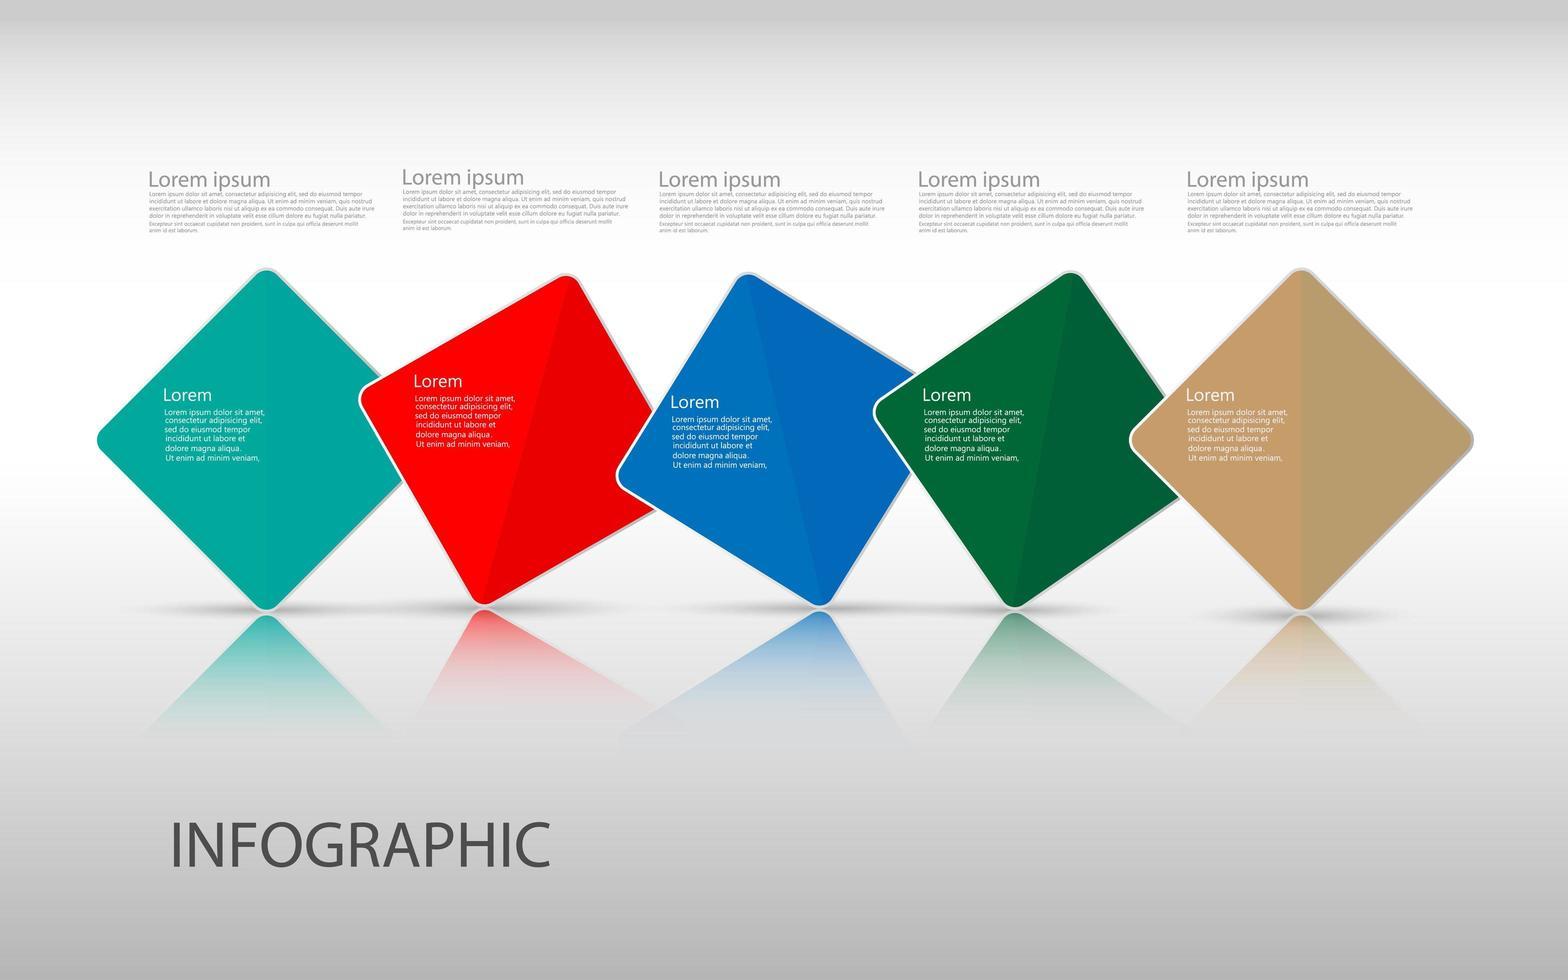 modèle de conception infographie chronologie avec 5 options, diagramme de processus, illustration vectorielle eps10 vecteur